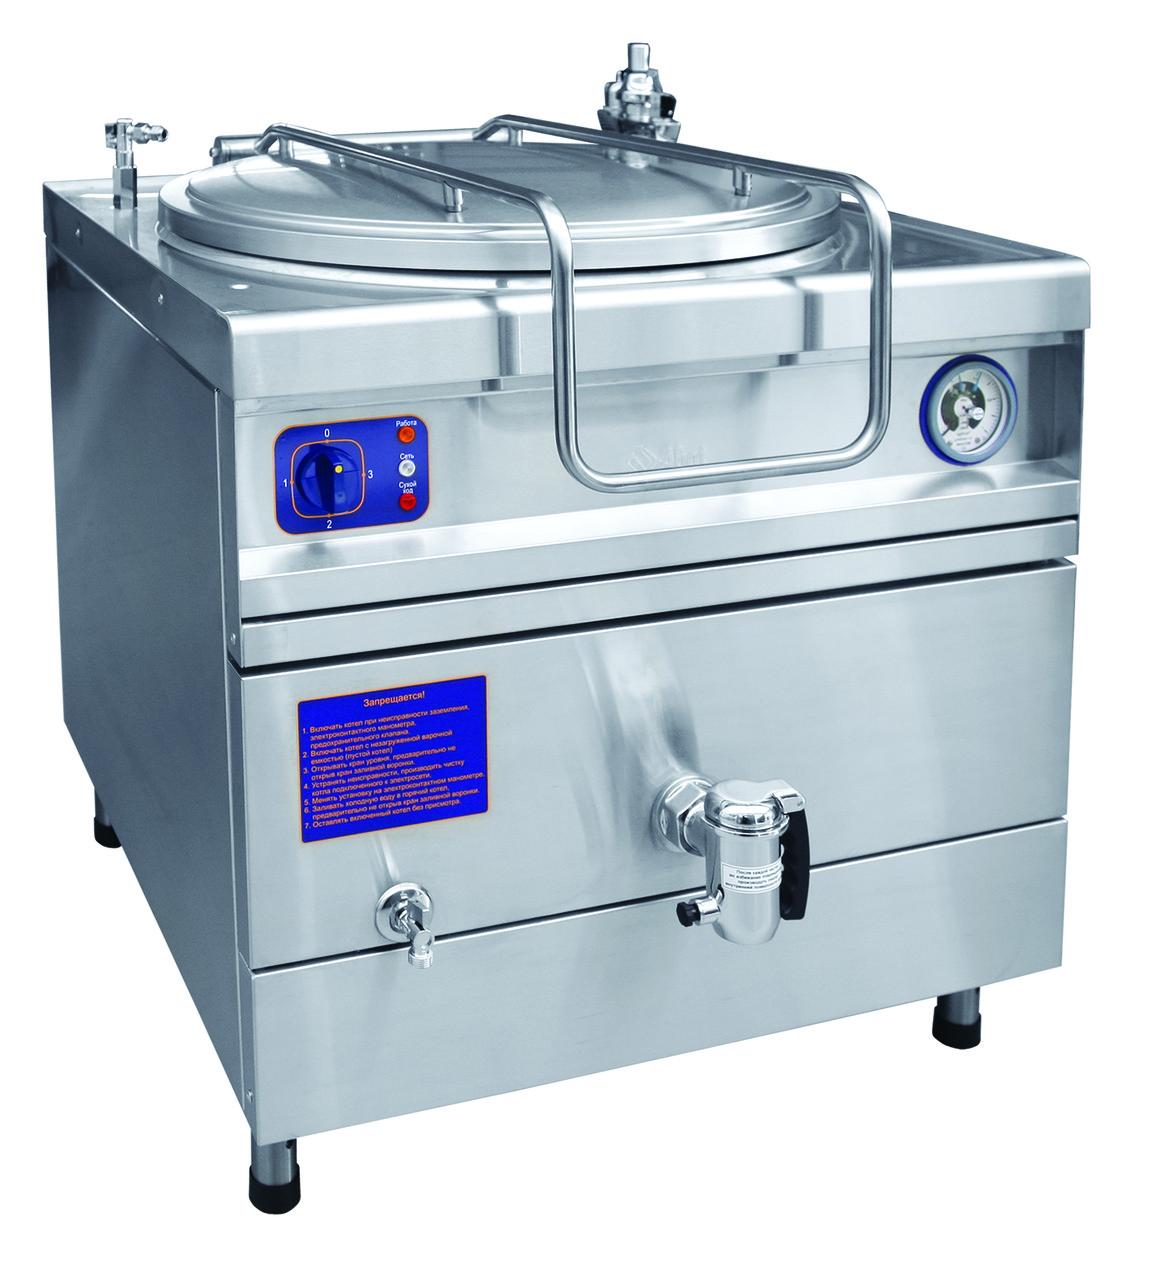 Котел пищеварочный опрокидывающийся КПЭМ-350 О без миксера (350 л, 120°С, пар.рубашка, програм.управление)